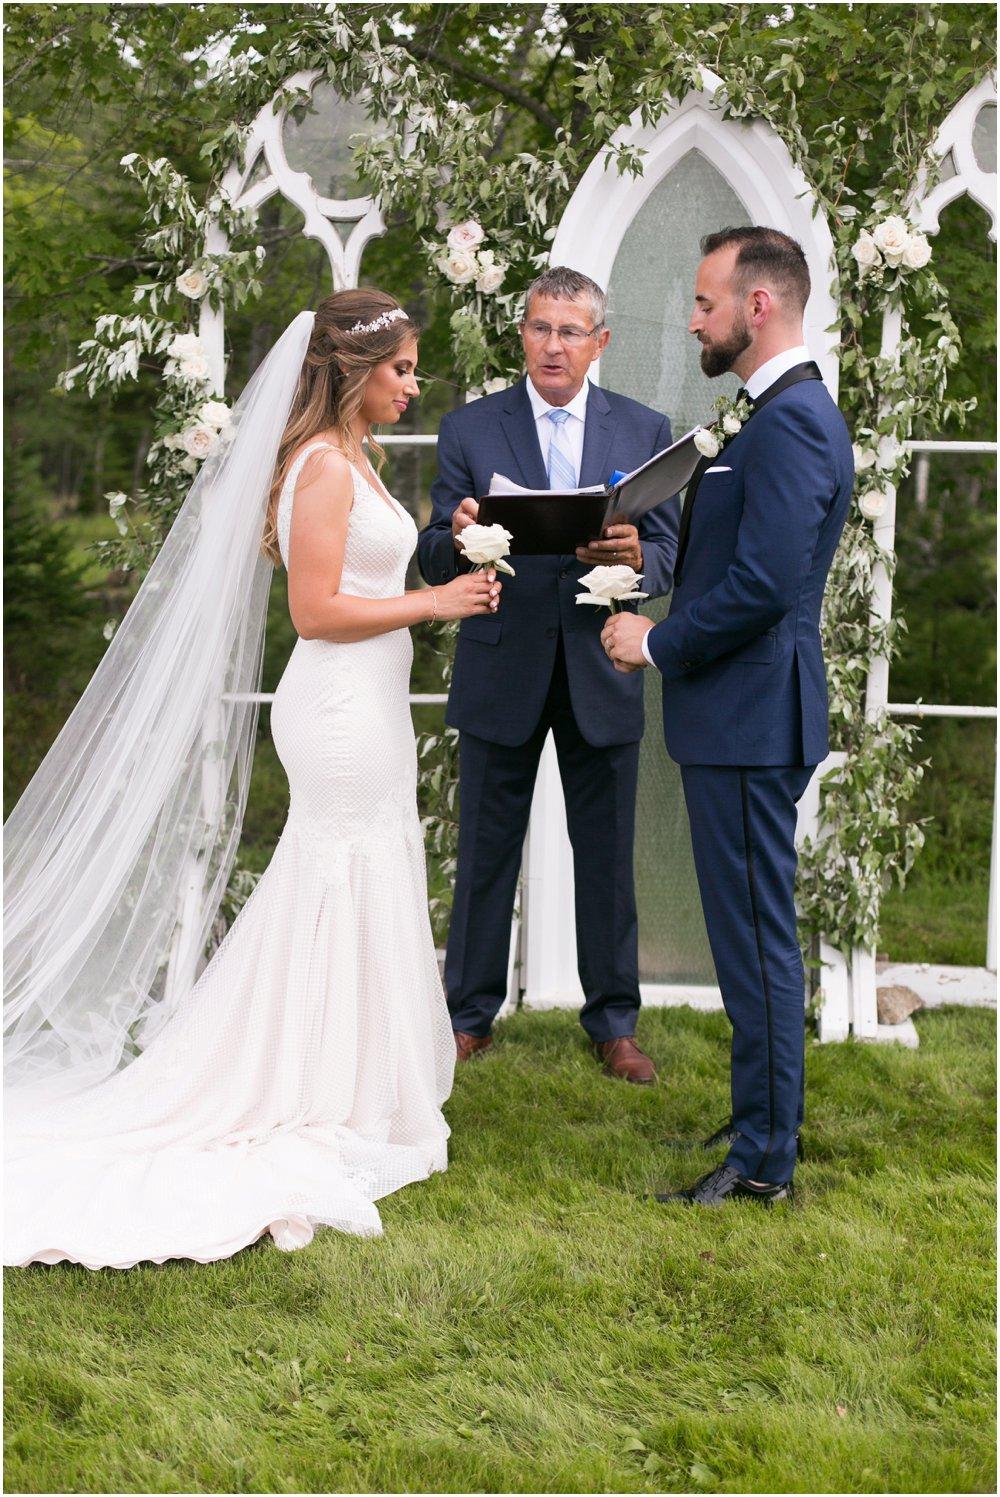 Mahone-Bay-Wedding-Chantal-Routhier-Photography_0014.jpg